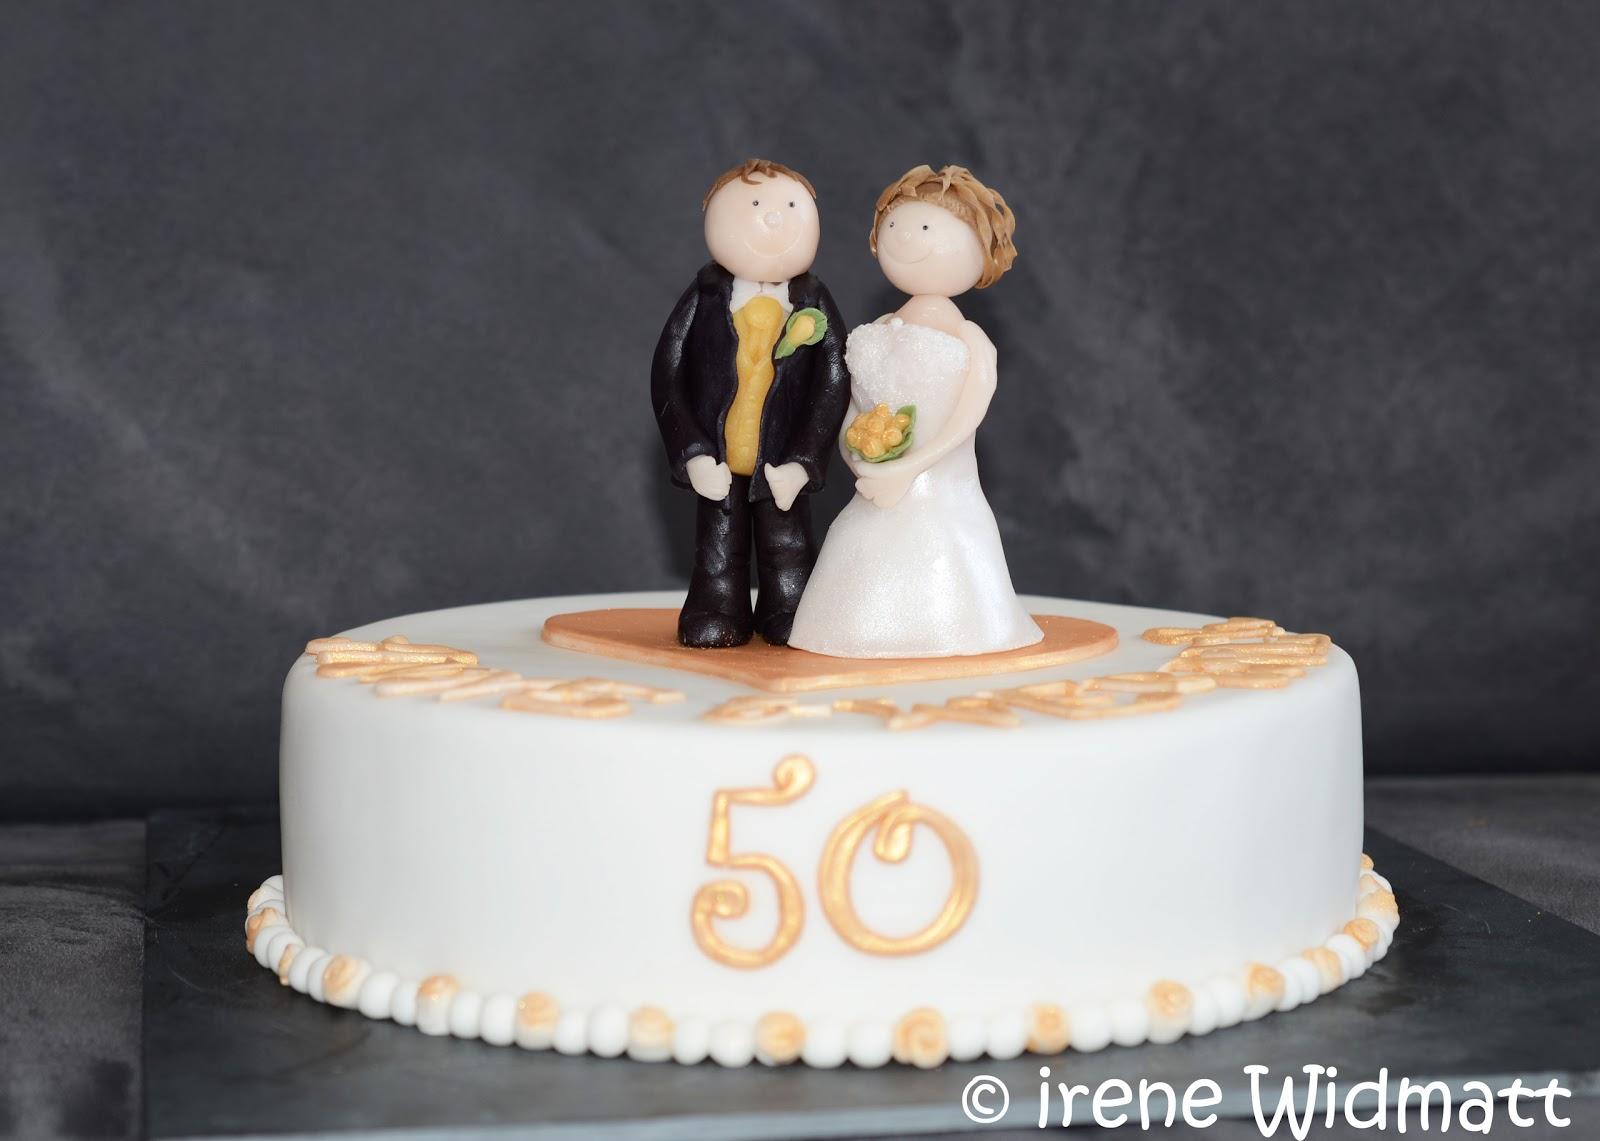 Widmatt Goldene Hochzeit 50 Jahre Jubilum Auftragstorte